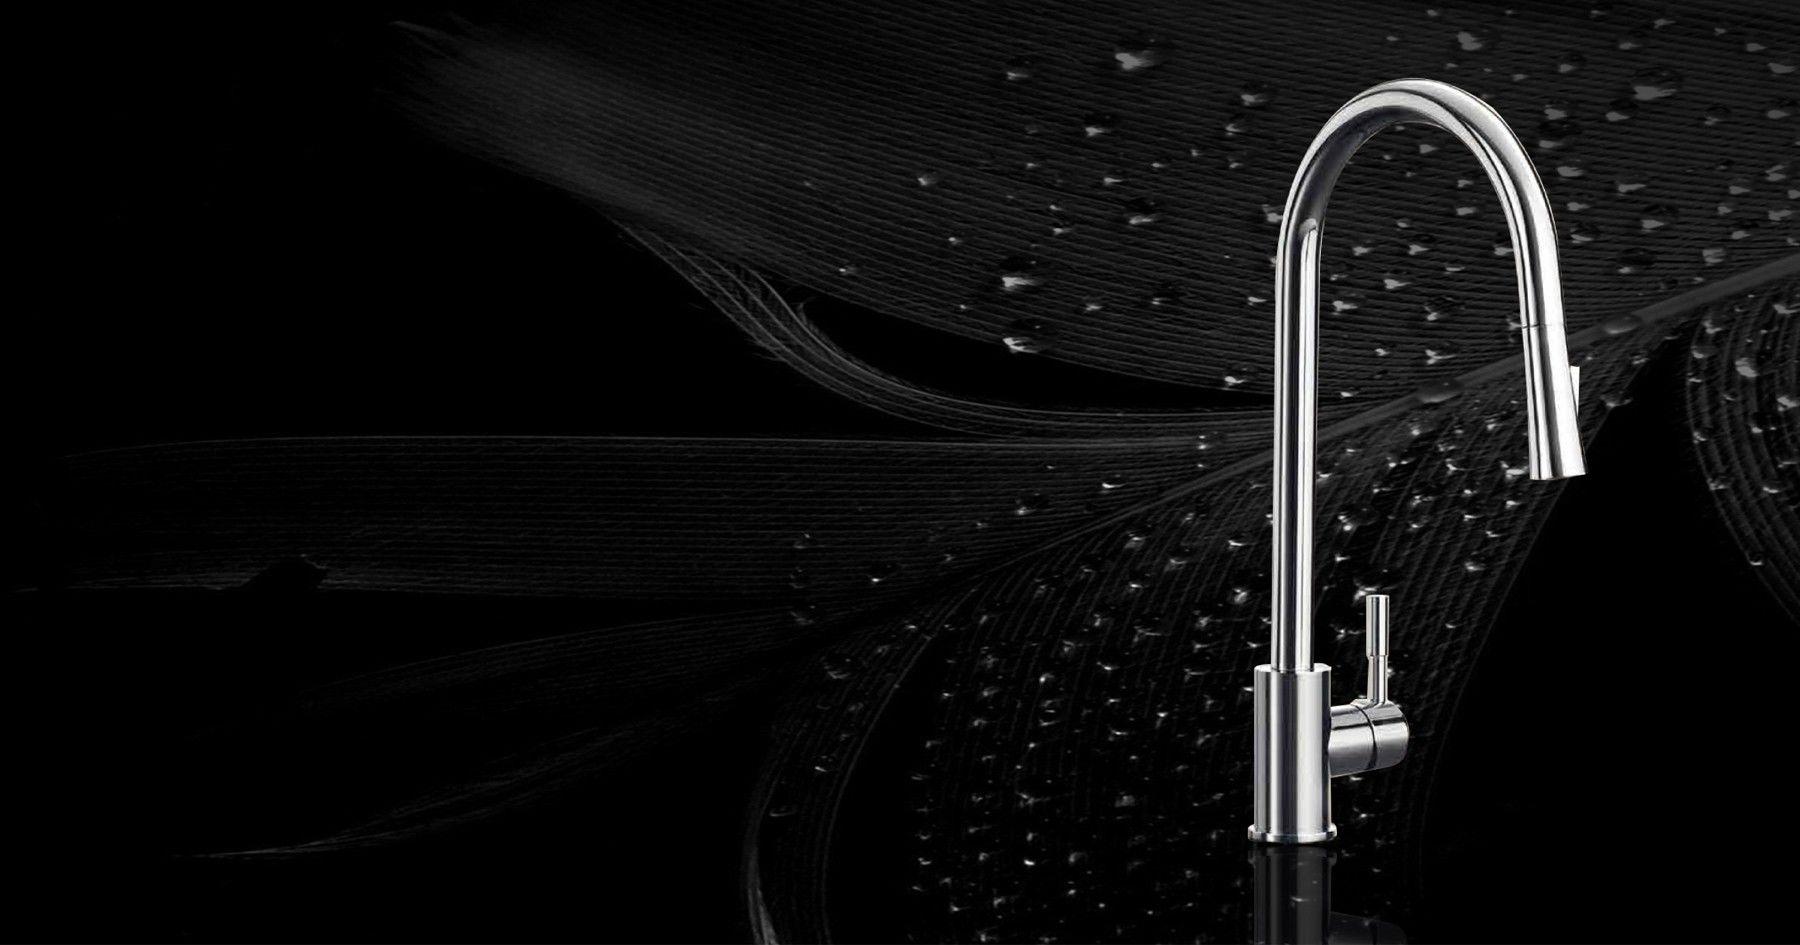 Best Luxury & Premium Bathroom Sink Faucets & Taps Brands in India